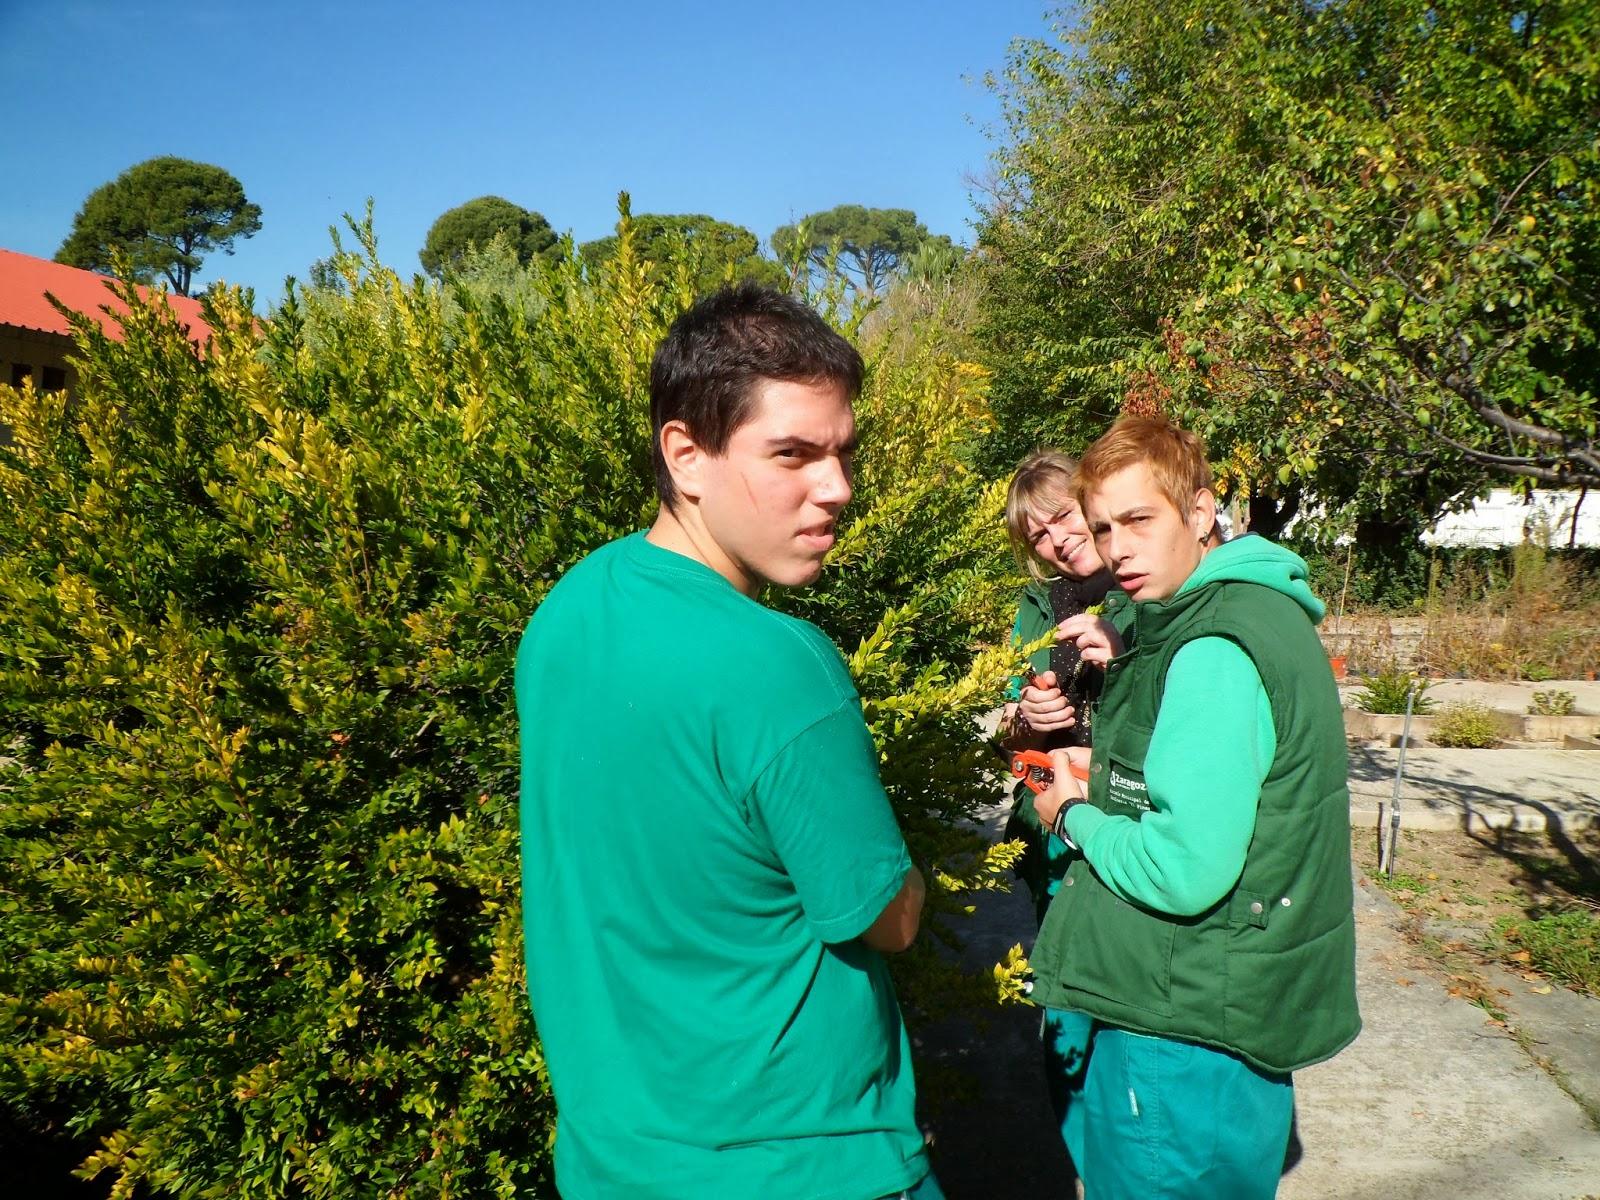 Escuela municipal de jardiner a el pinar operarios for Escuela de jardineria